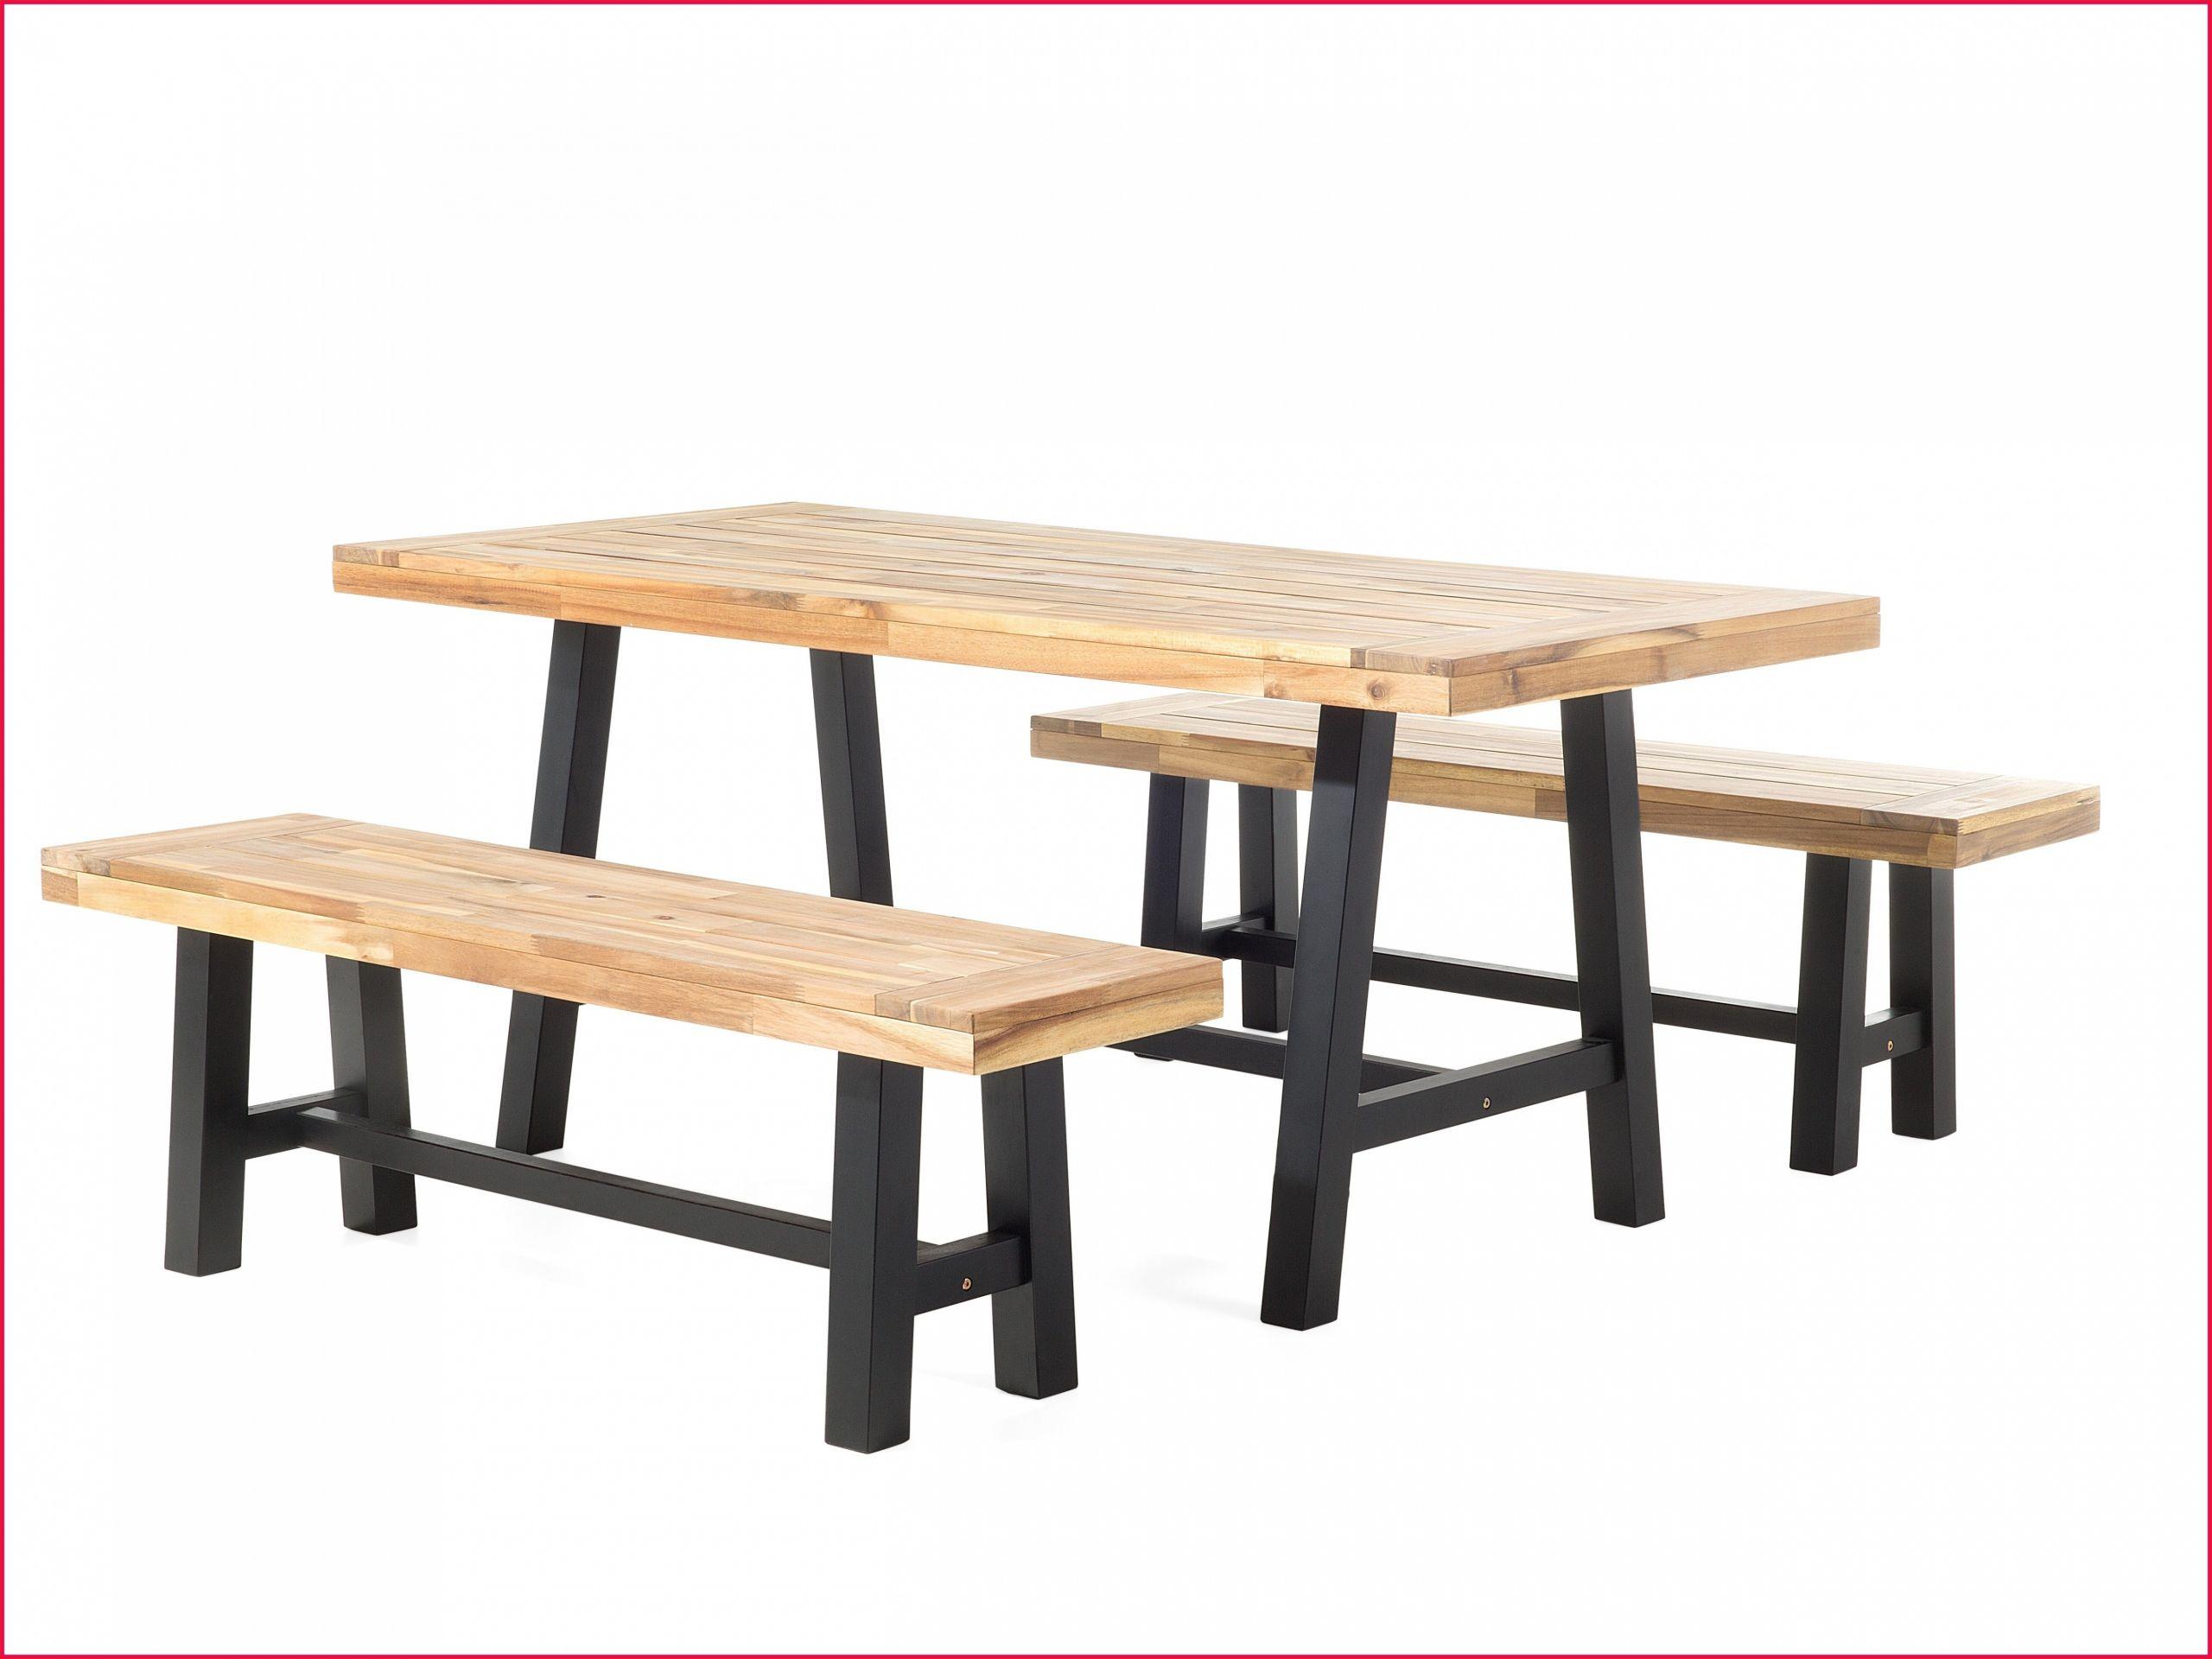 Table Avec Banc Exterieur Nouveau Innovante Banc Pour Jardin Image De Jardin Décoratif